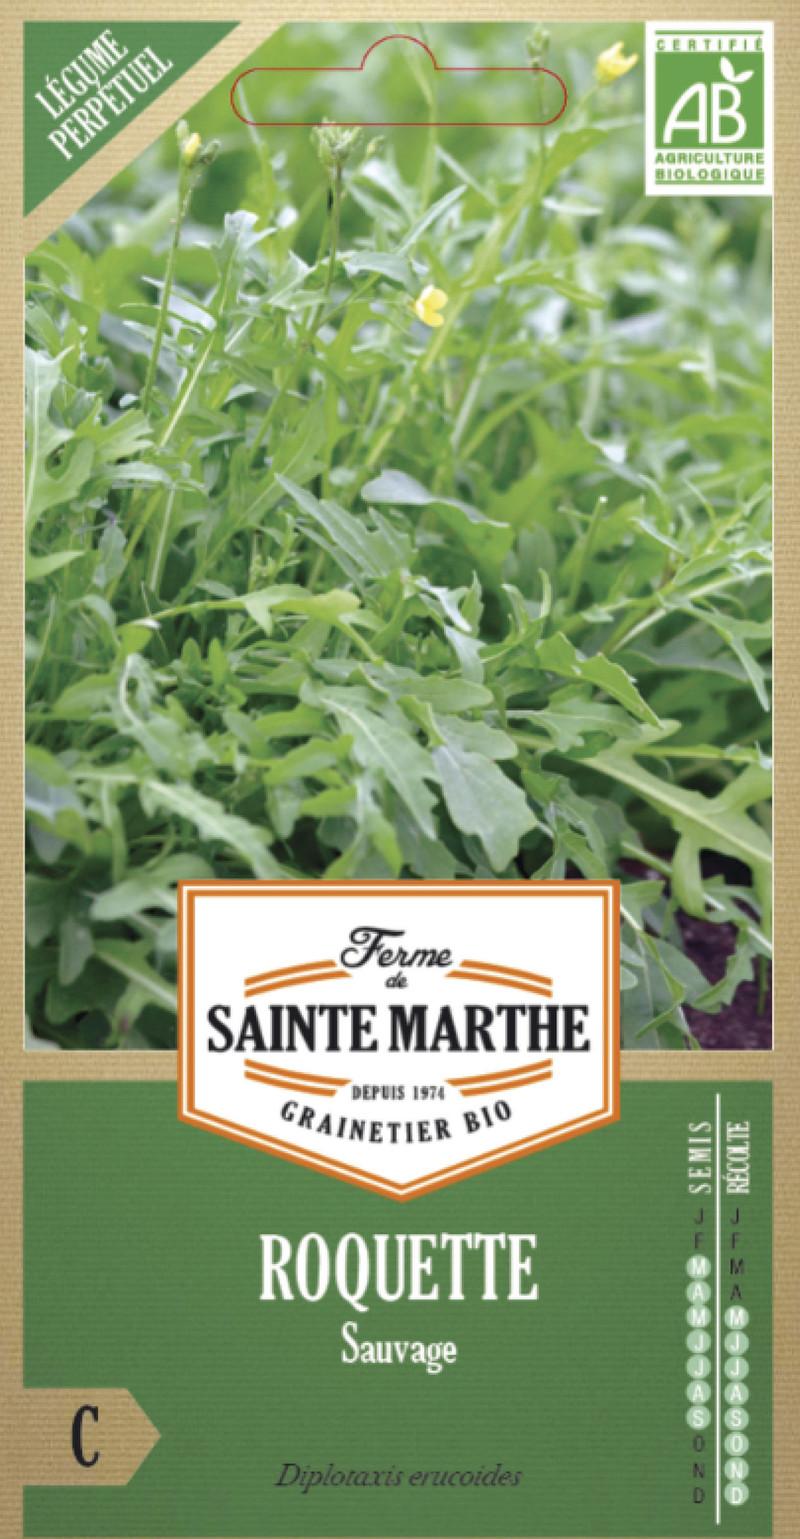 roquette sauvage bio la ferme de sainte marthe graine semence potager sachet semis - Voir en grand